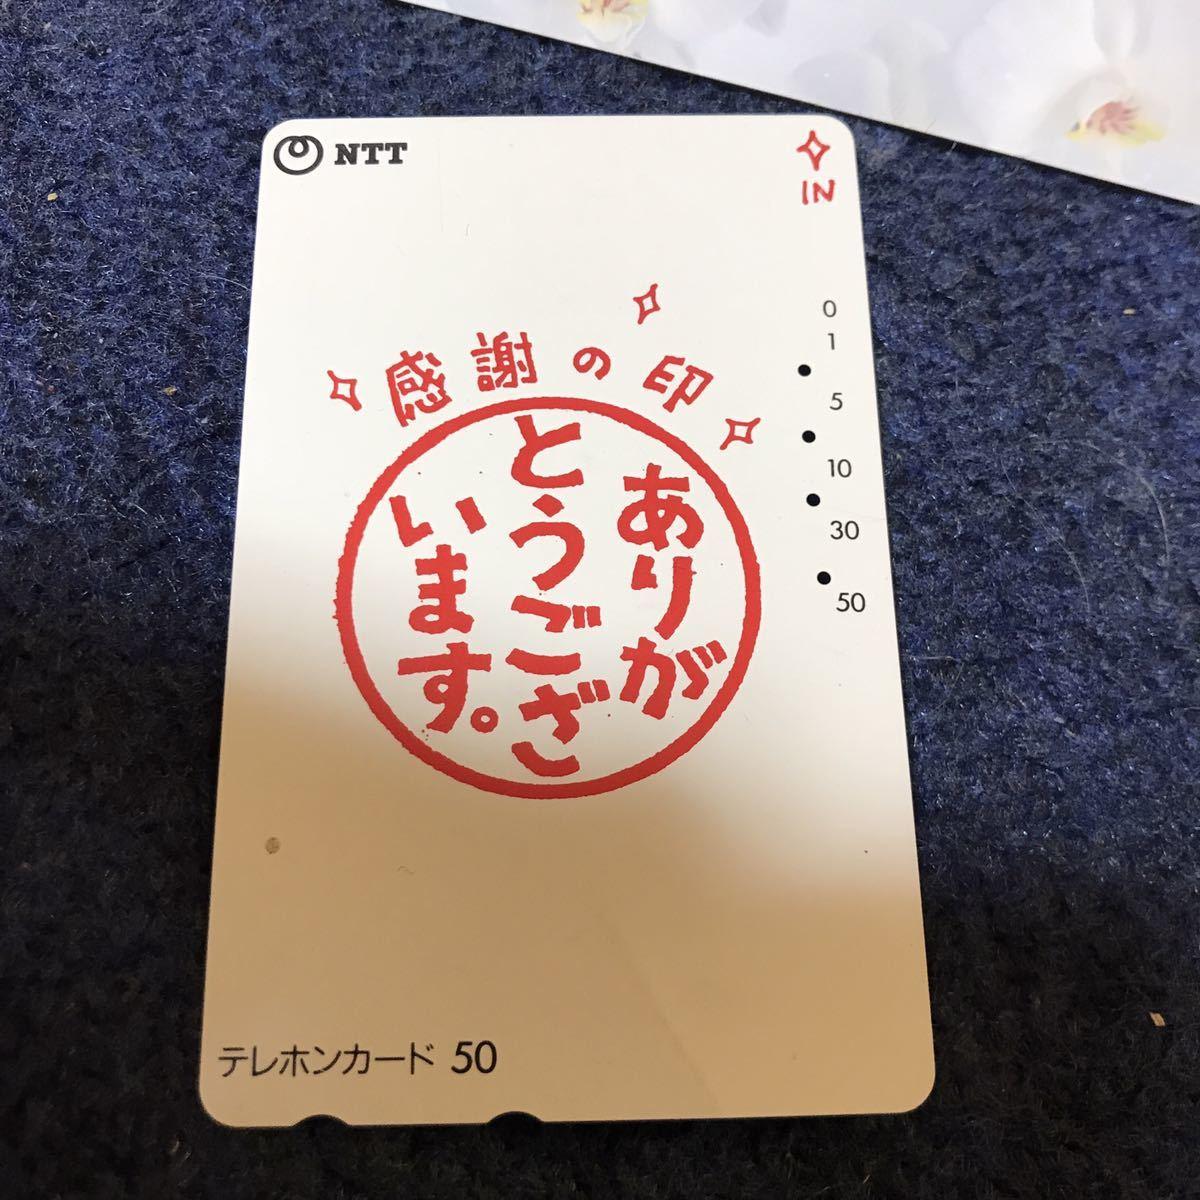 テレホンカード 50度数 未使用5枚 おまけ付 使用済み 7枚 セット 和久井映見 大阪 水の都 関西電力_画像5